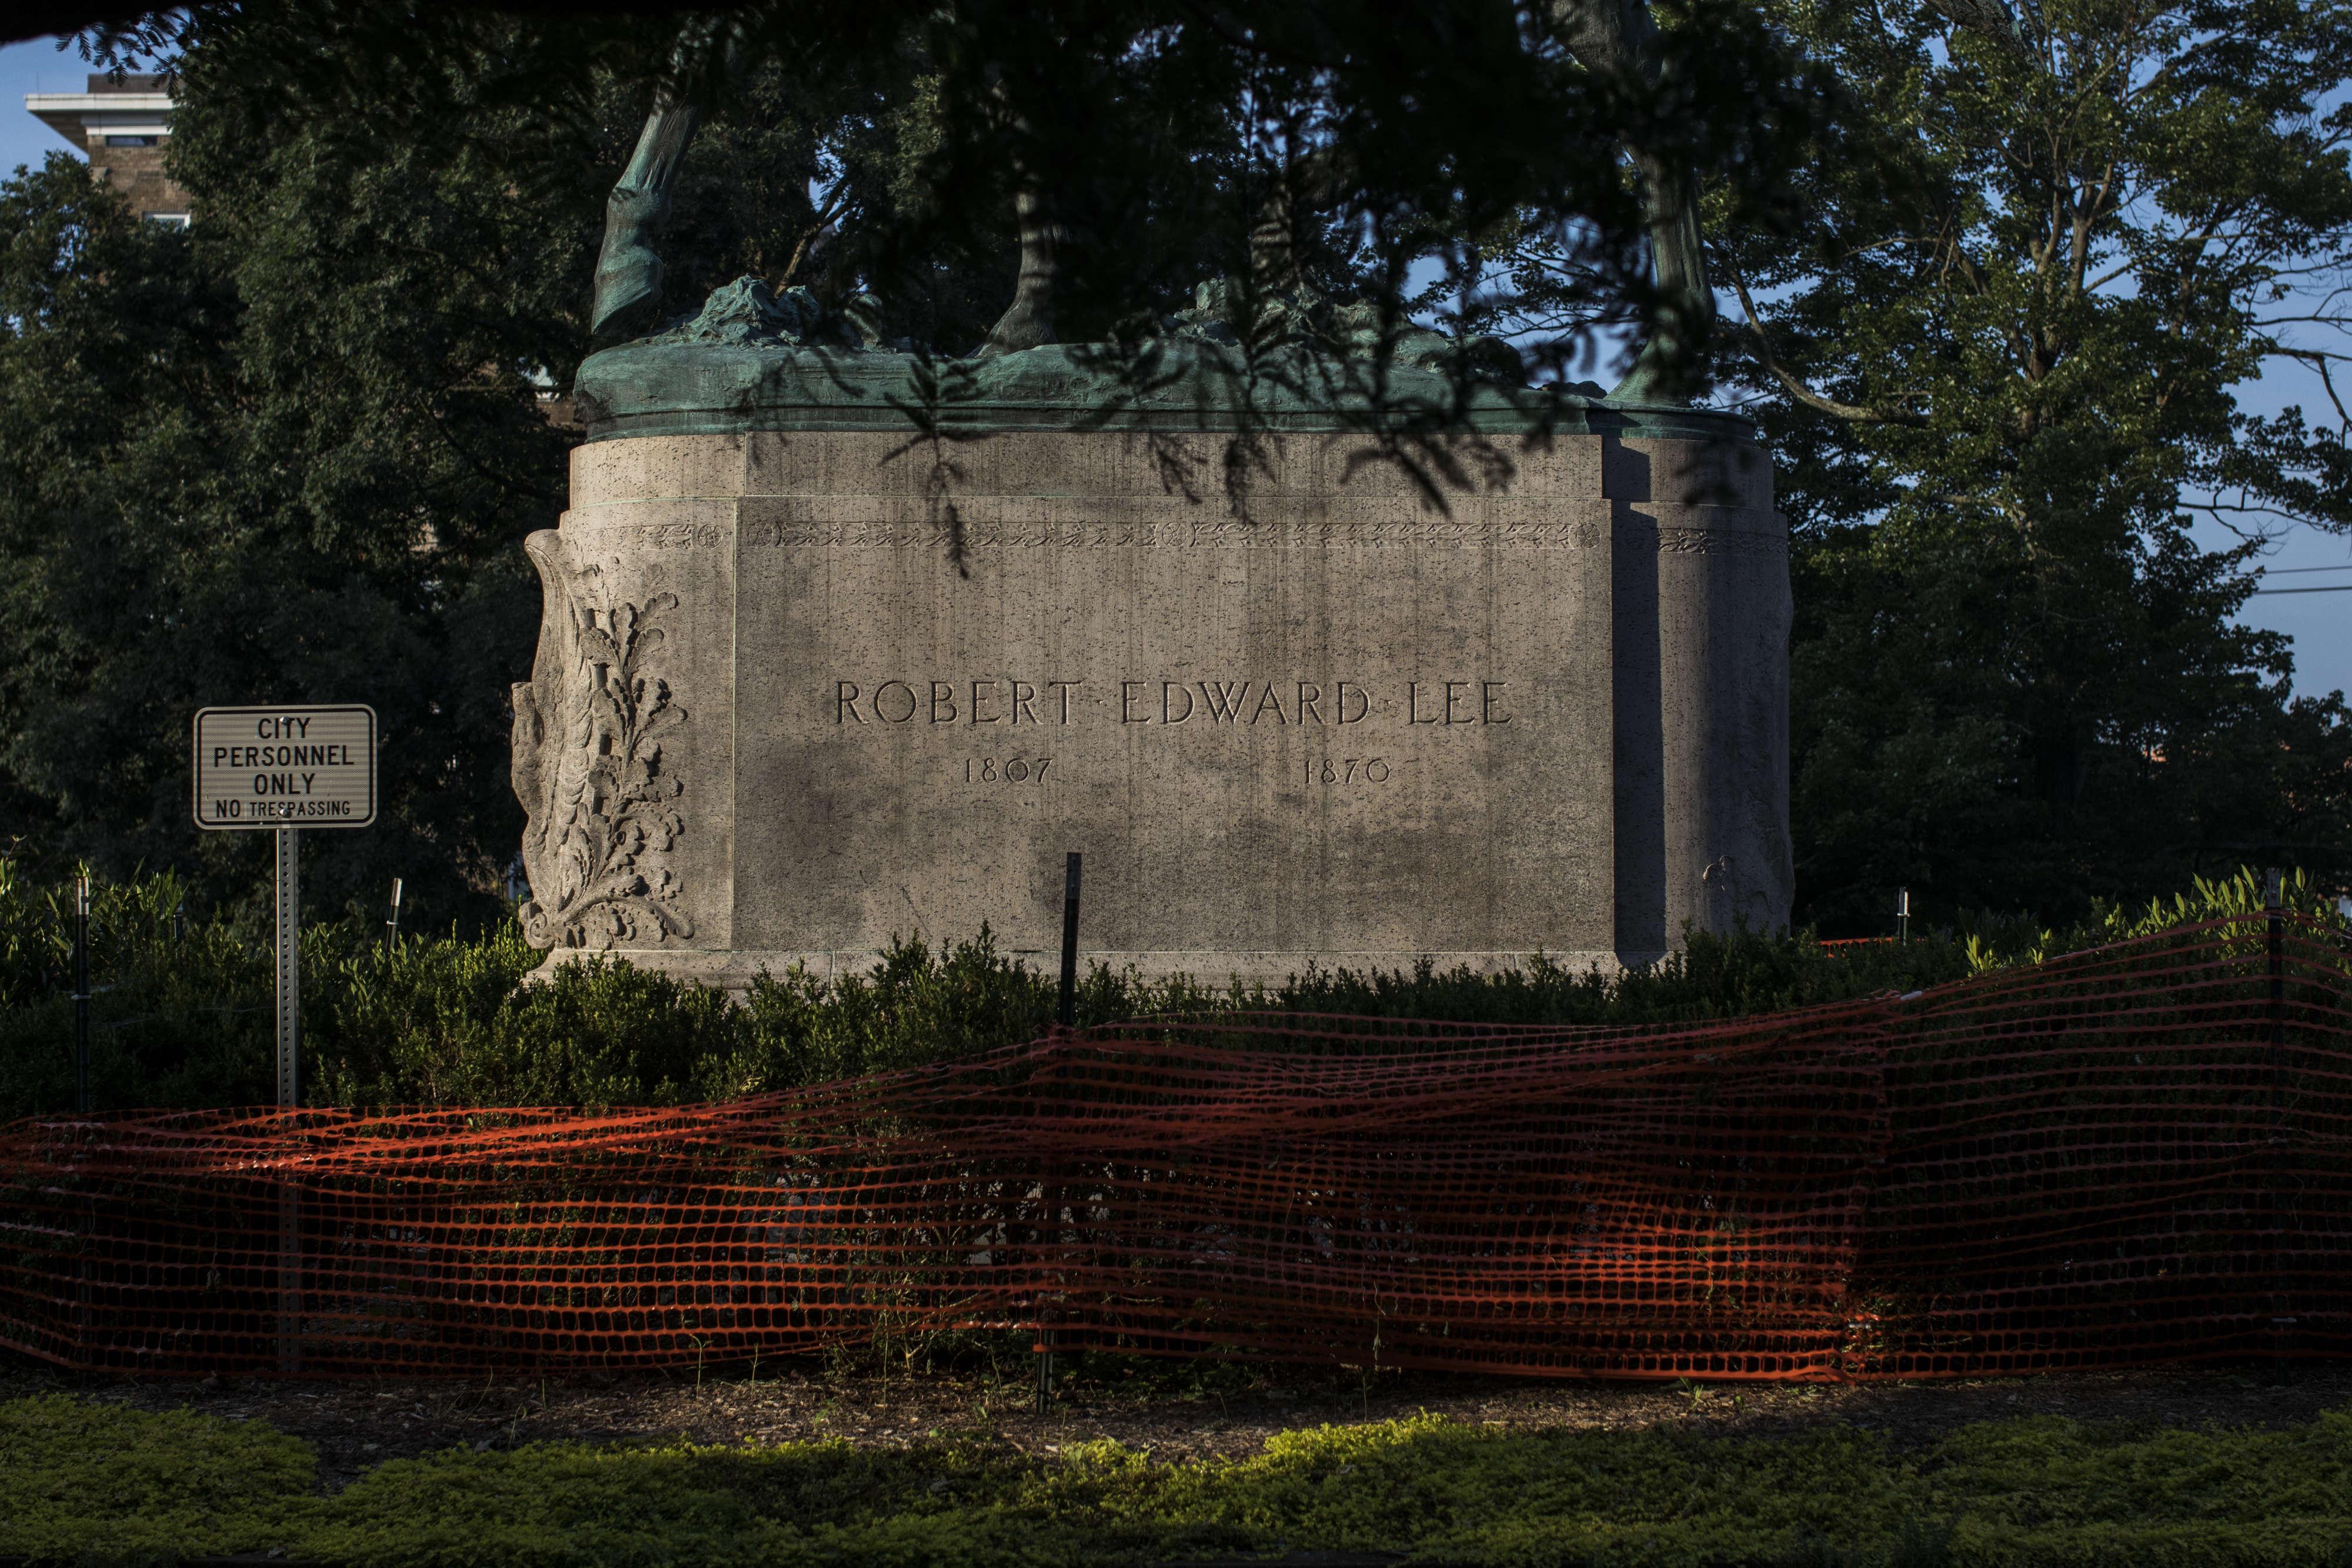 Pourtant, un an après, l'imposant monument équestre érigé à la gloire de Robert Lee est toujours là, dominant les jardins de Charlottesville.